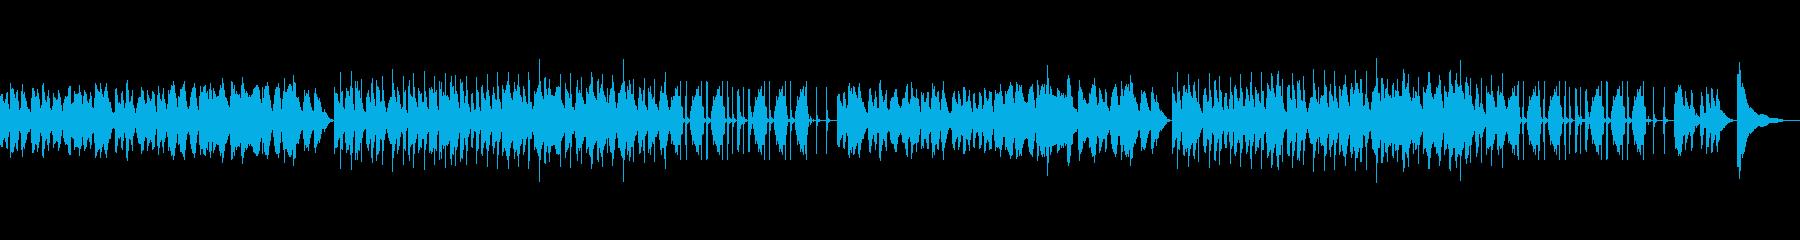 ボノボノとした日常的なインストの再生済みの波形